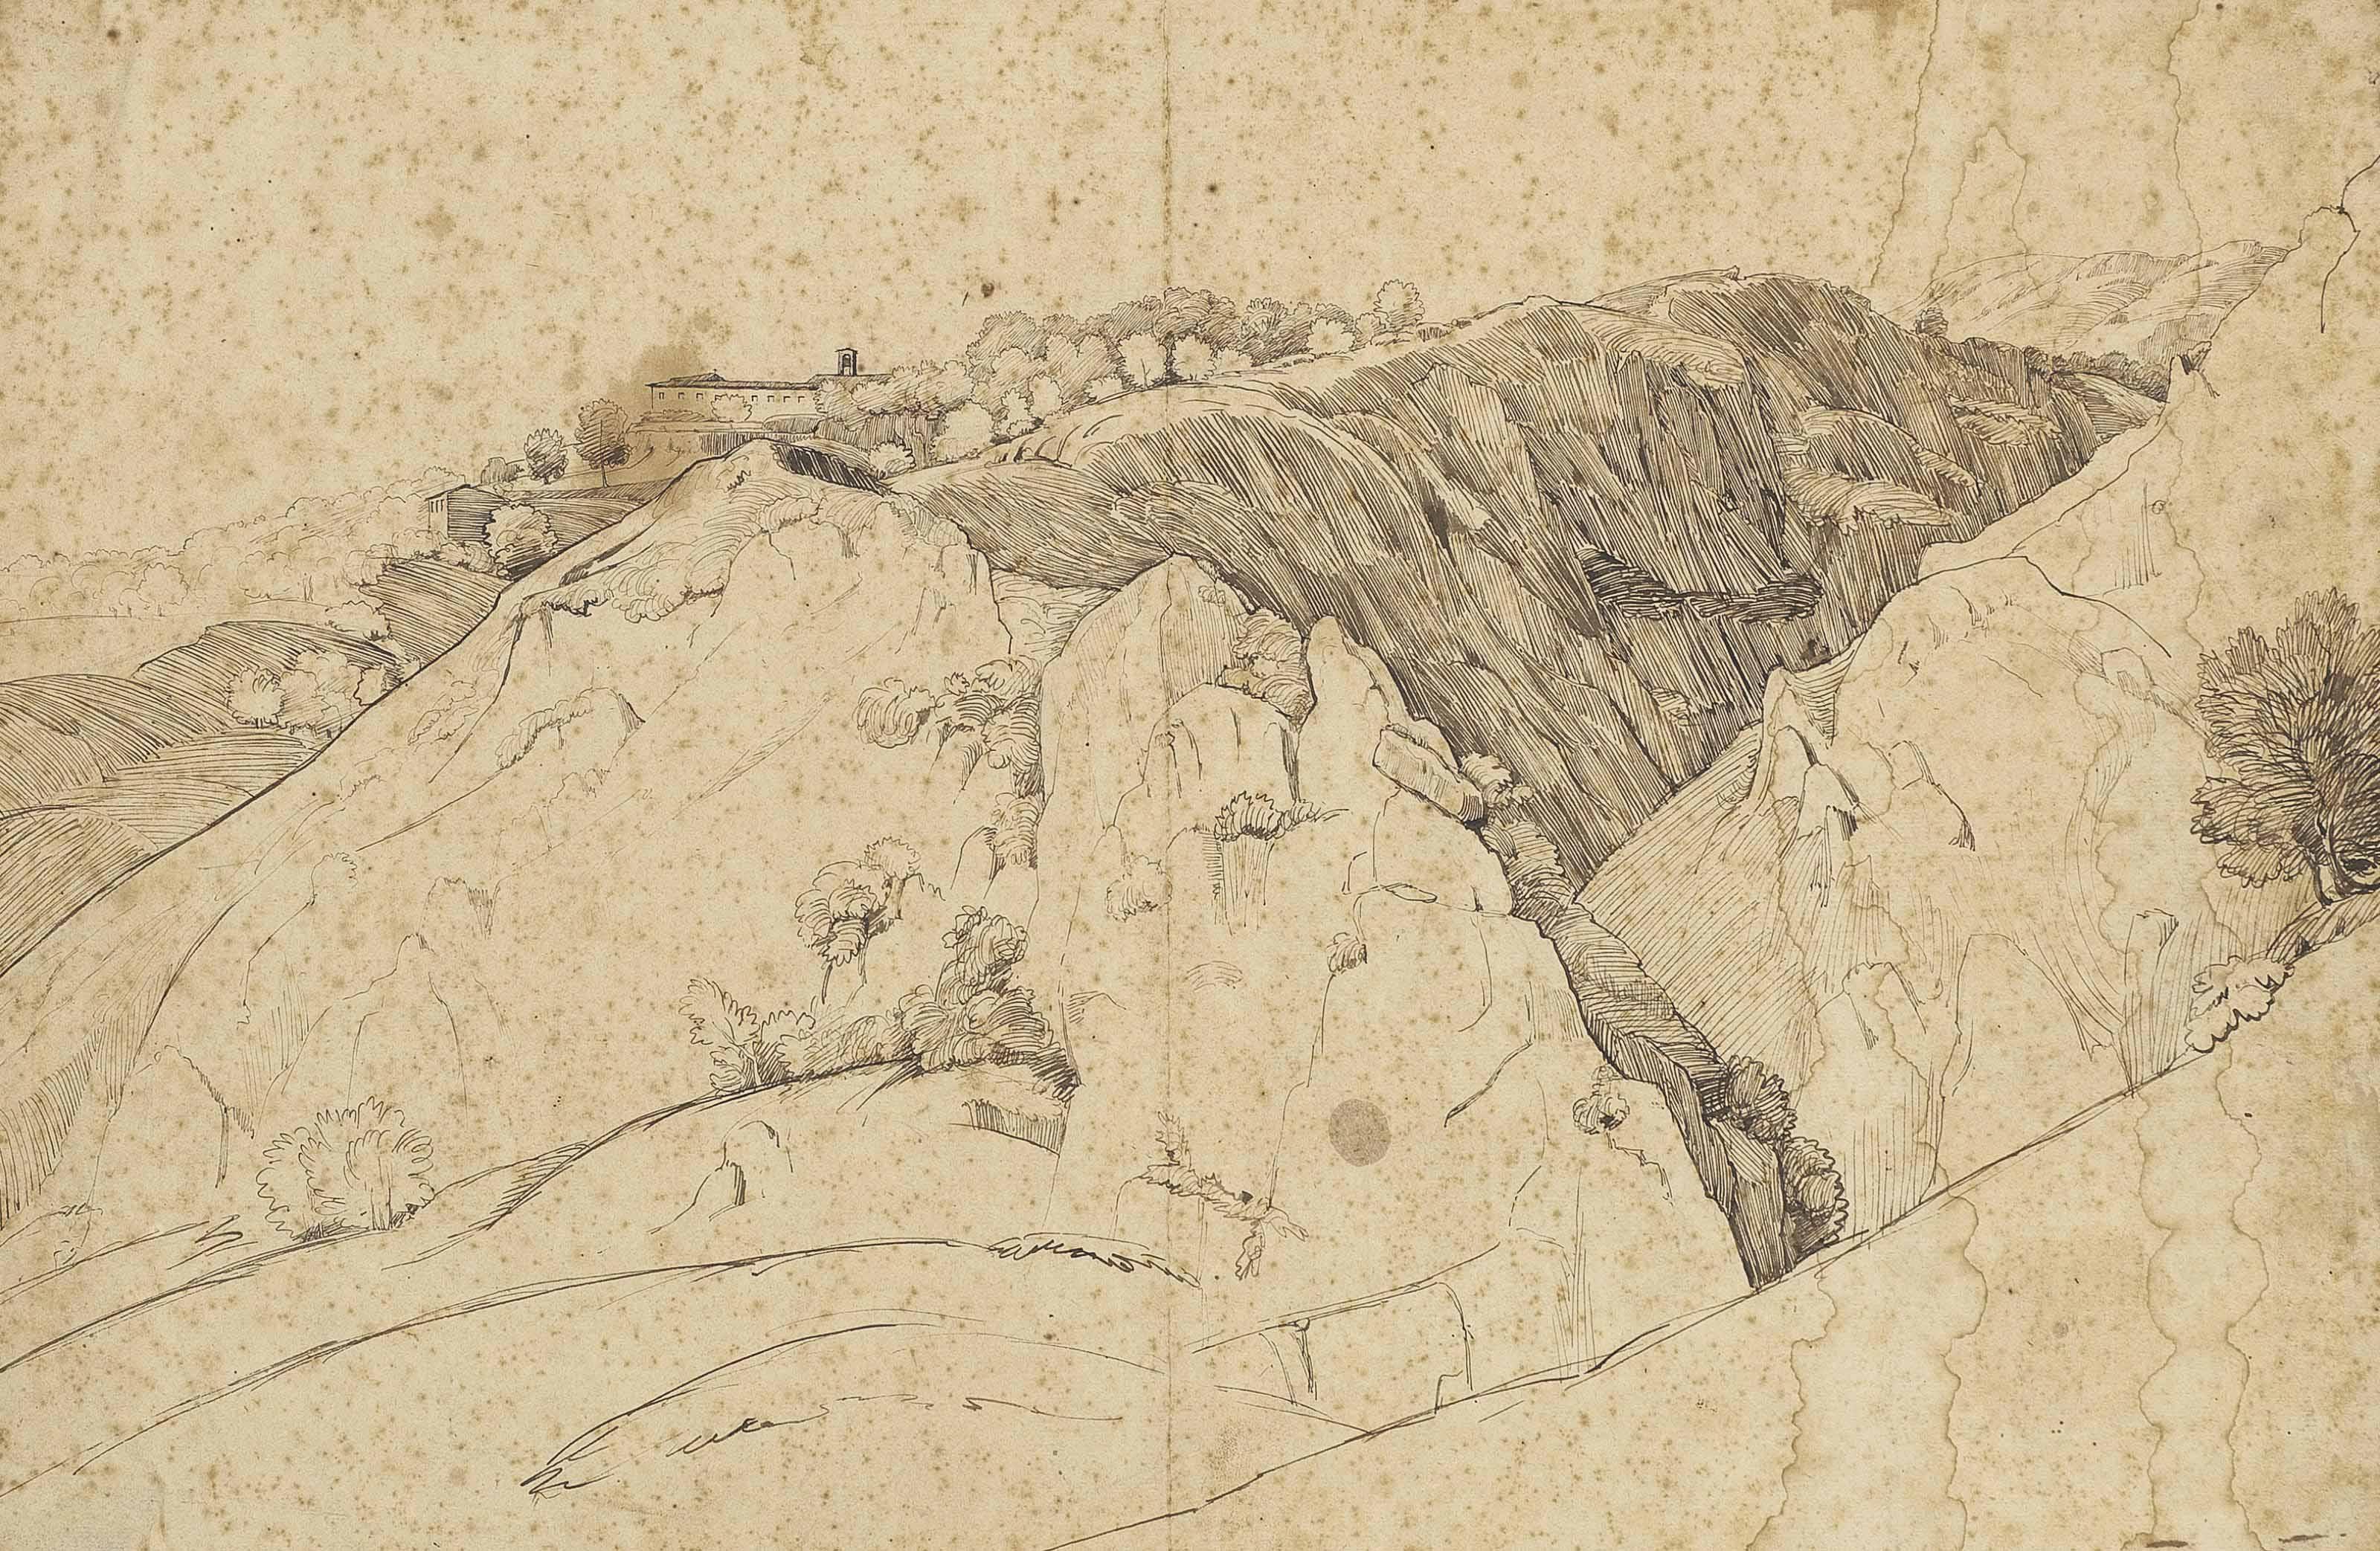 Quatre dessins de paysages, dont Un moulin dans un paysage montagneux